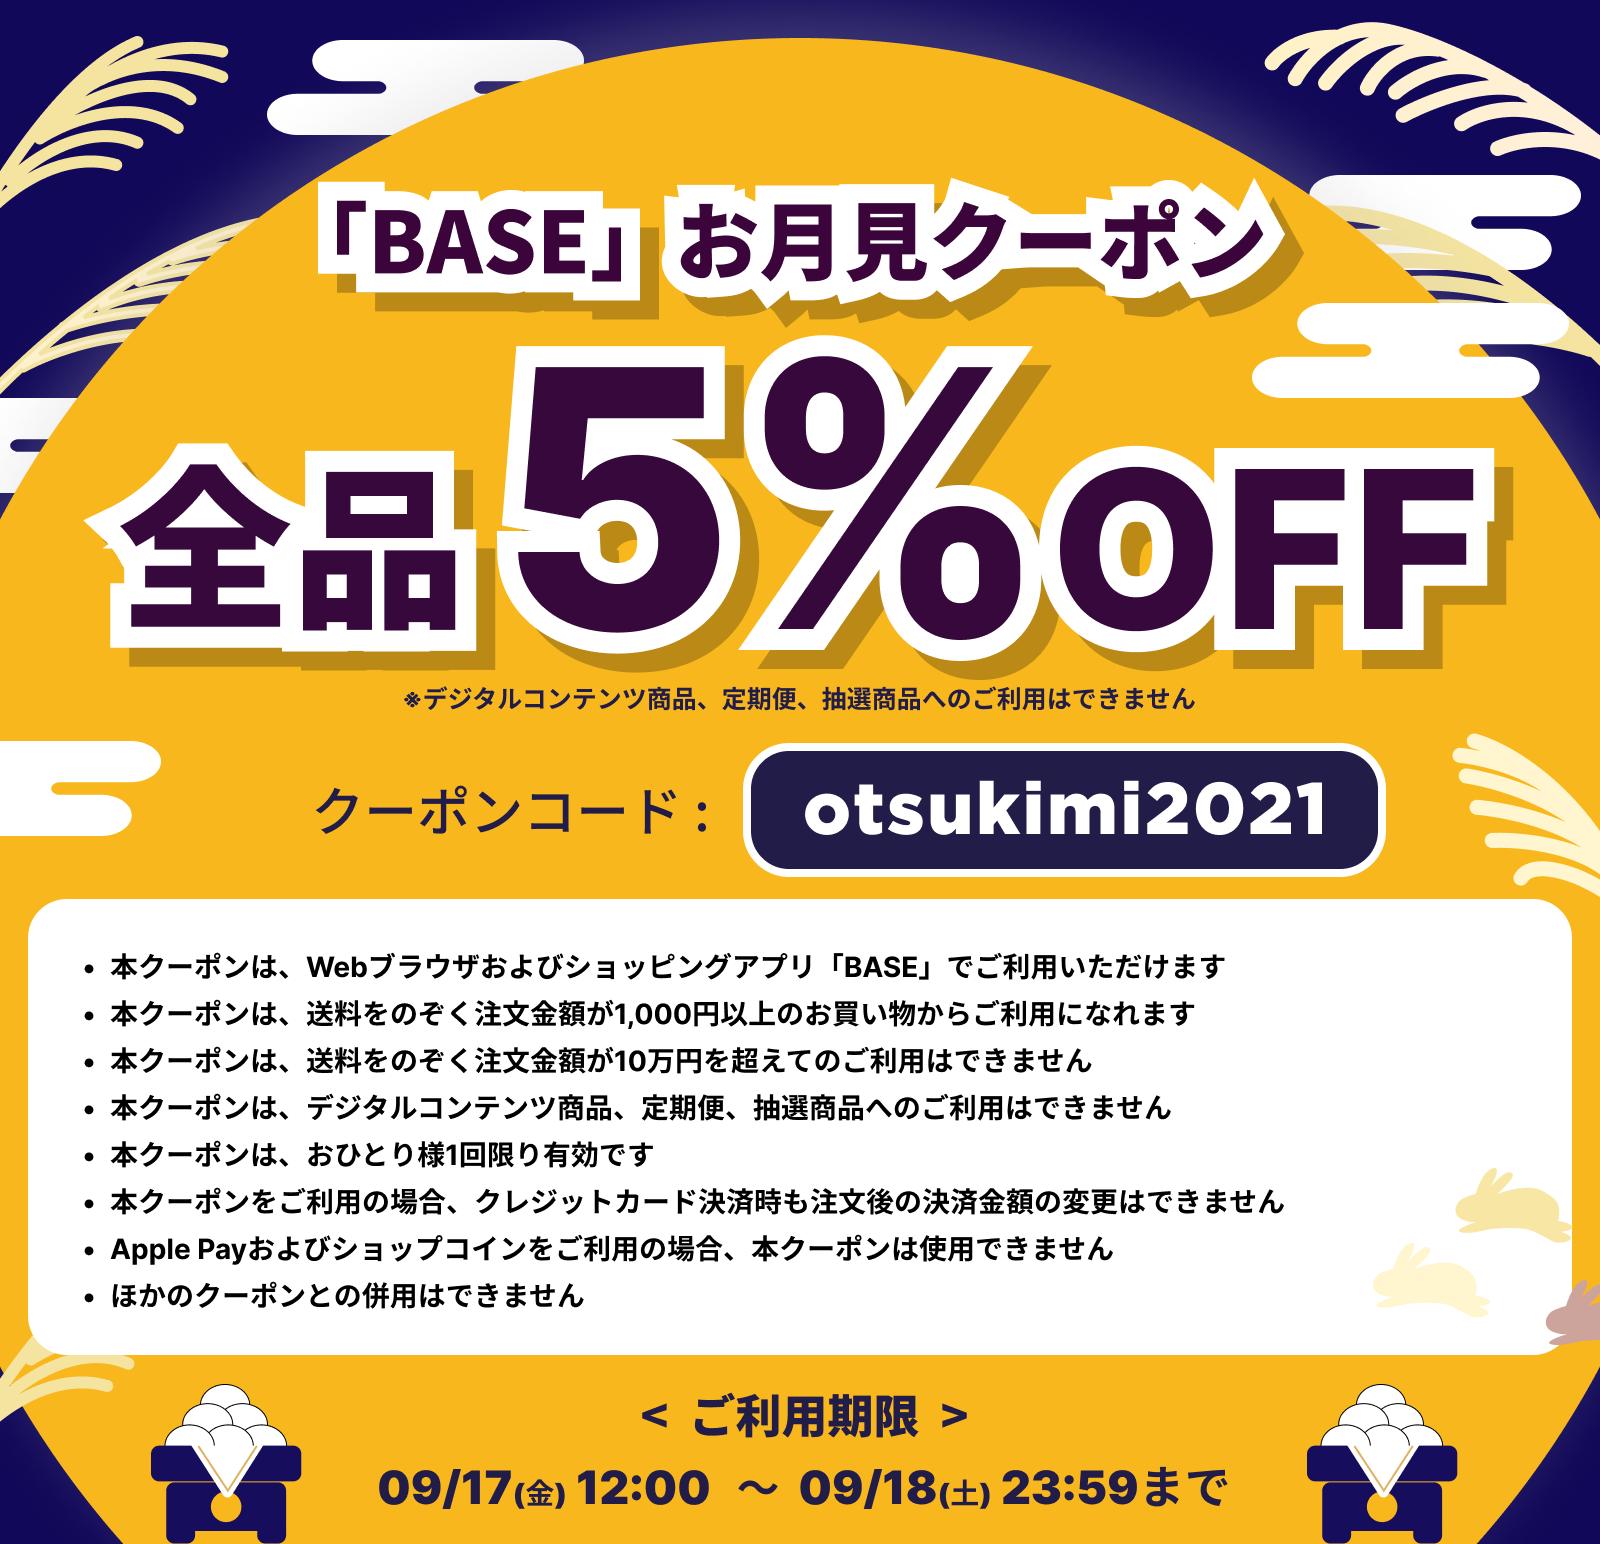 9月17日(金)〜9月18日(土)の期間中、お客様にご利用いただける5%OFFクーポンを配布いたしま